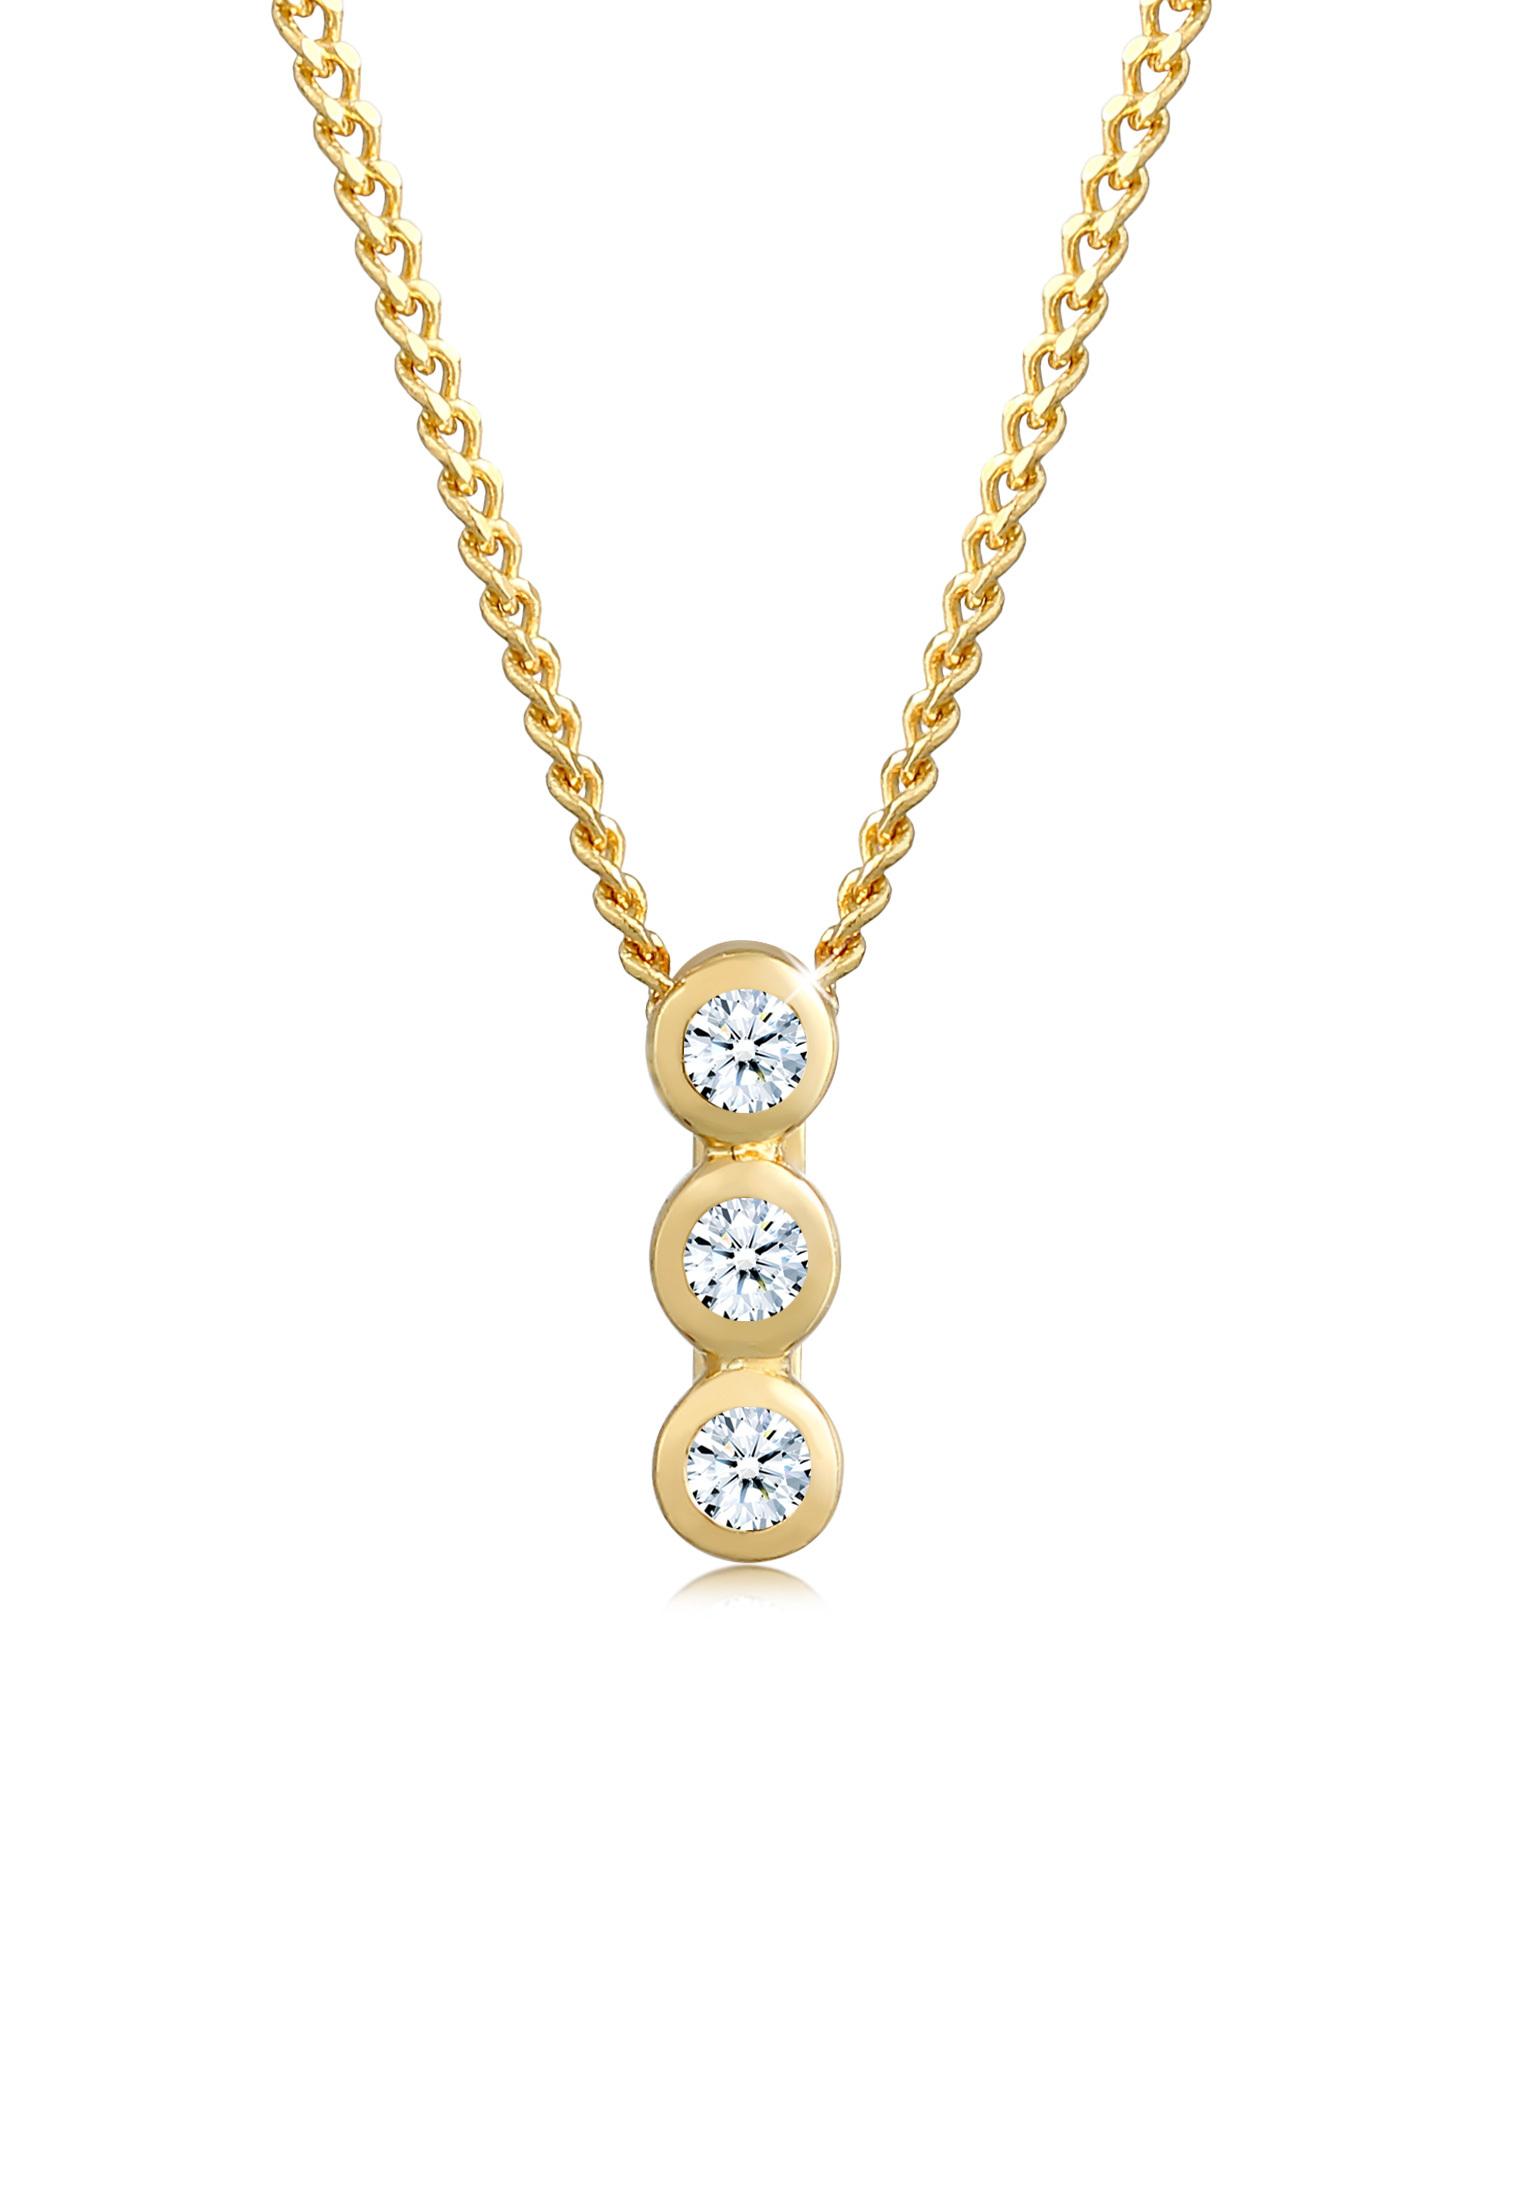 Halskette Geo | Diamant ( Weiß, 0,045 ct ) | 585 Gelbgold